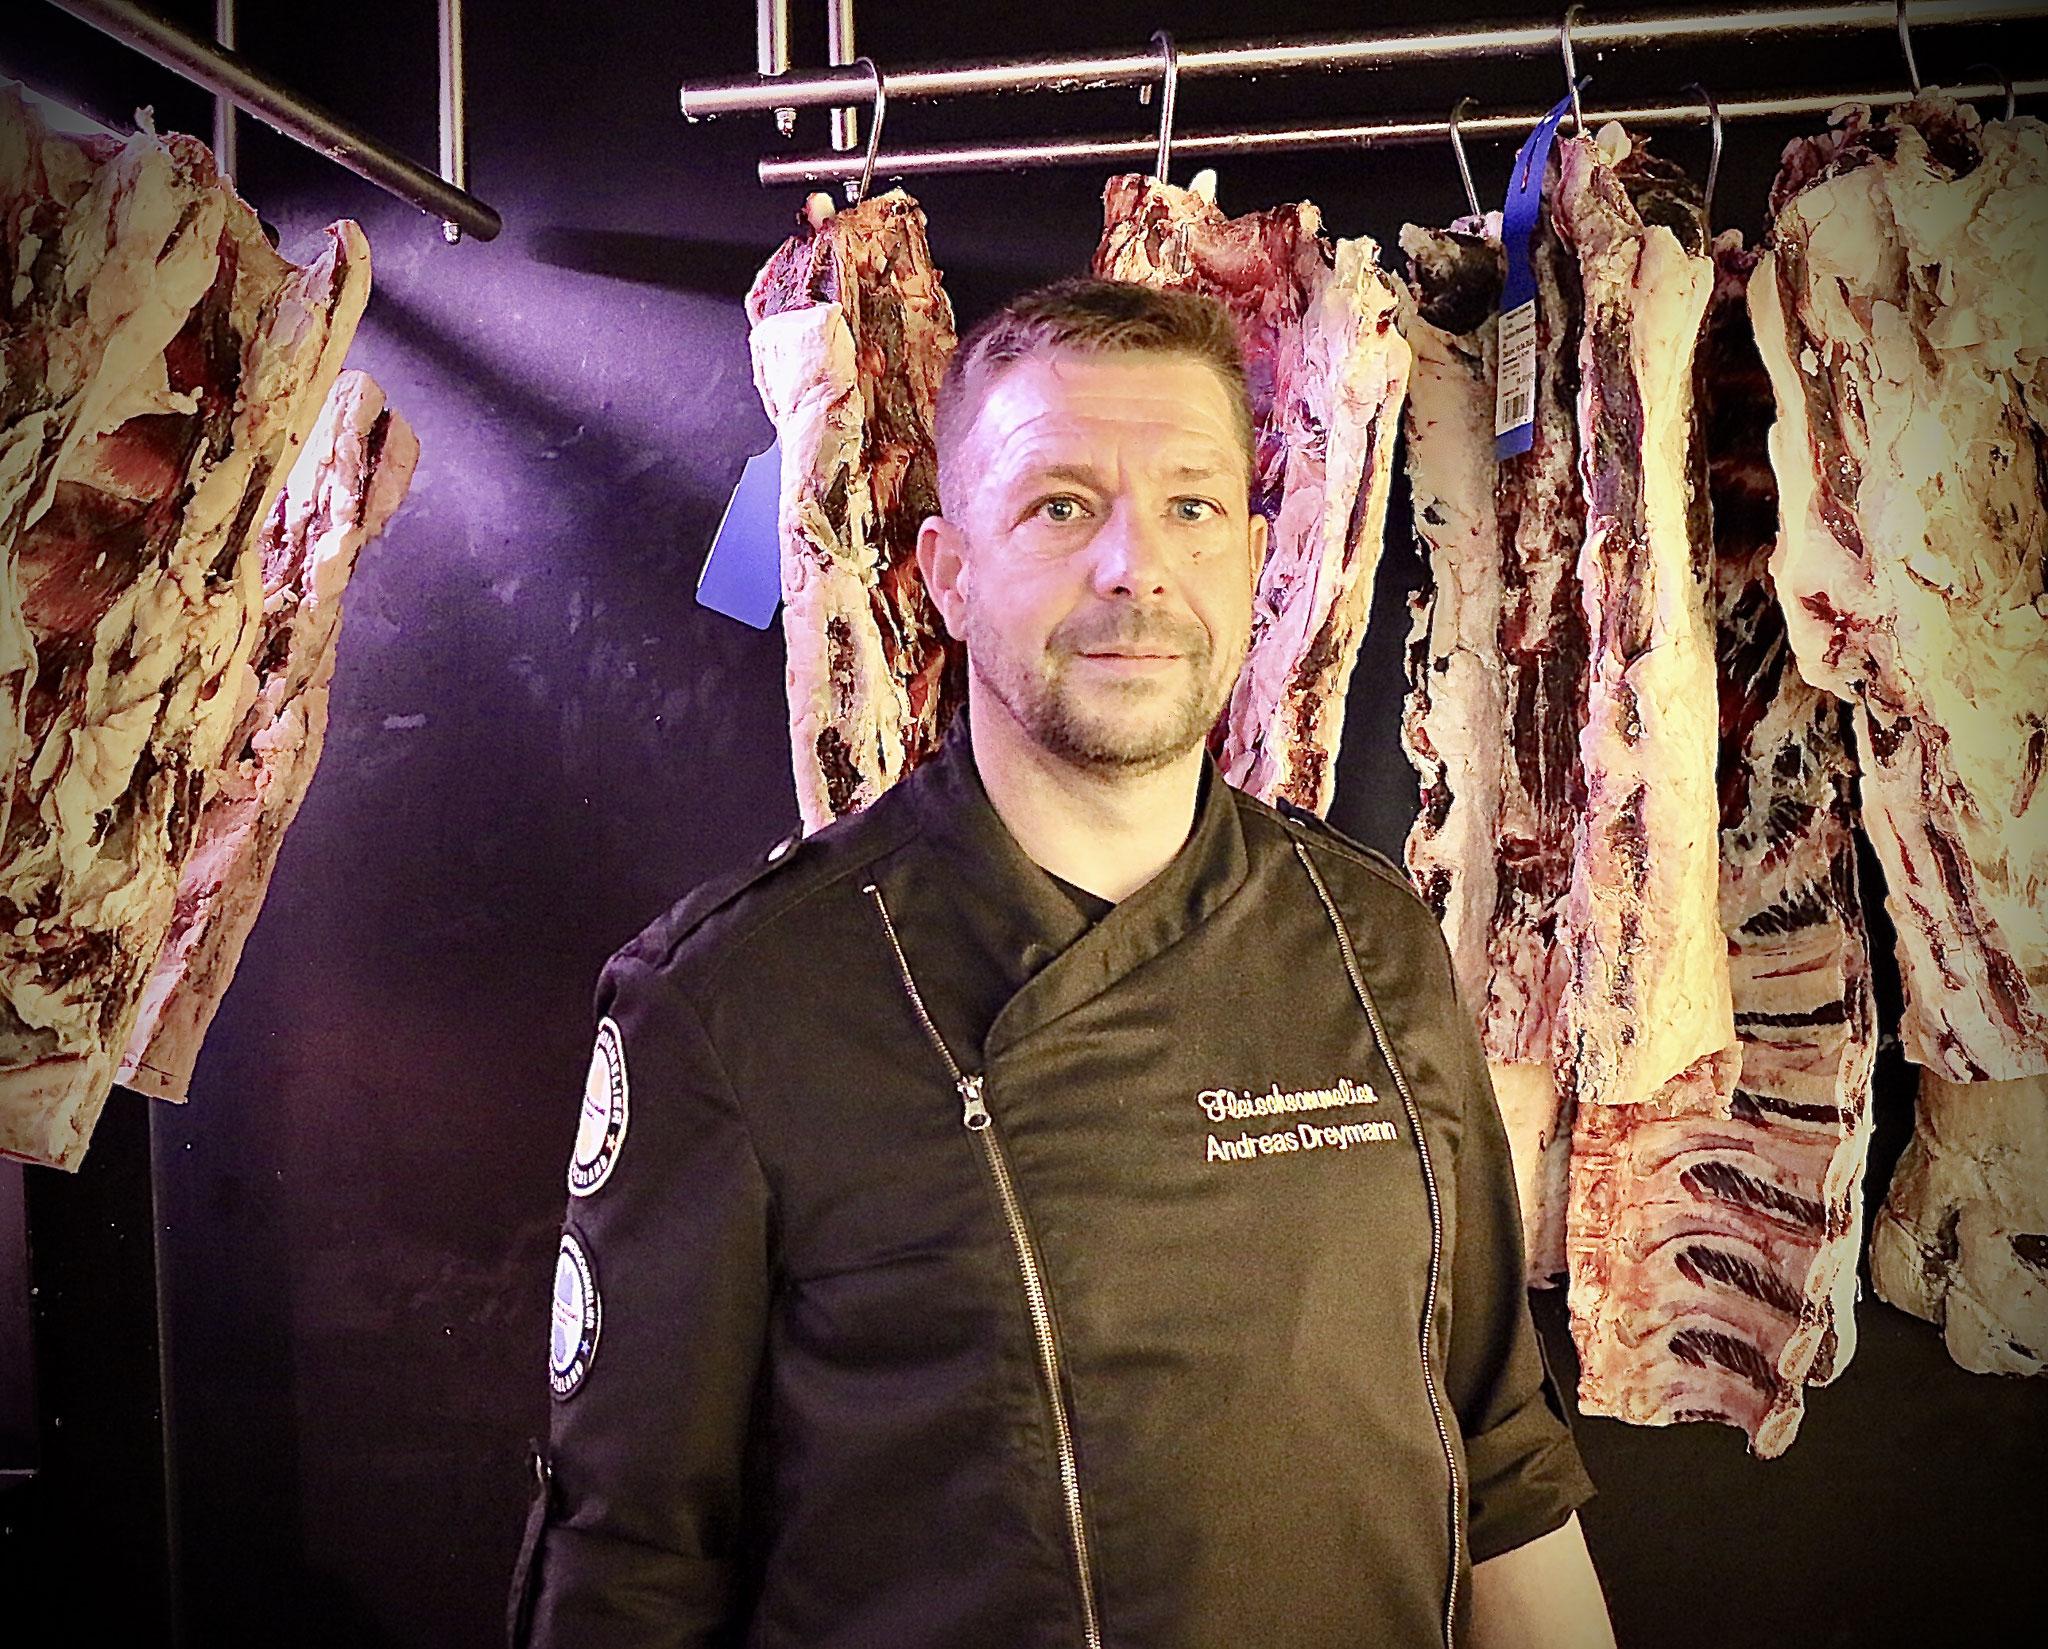 Andreas Dreymann - Der Steak-Prophet und Fleisch-Sommelier